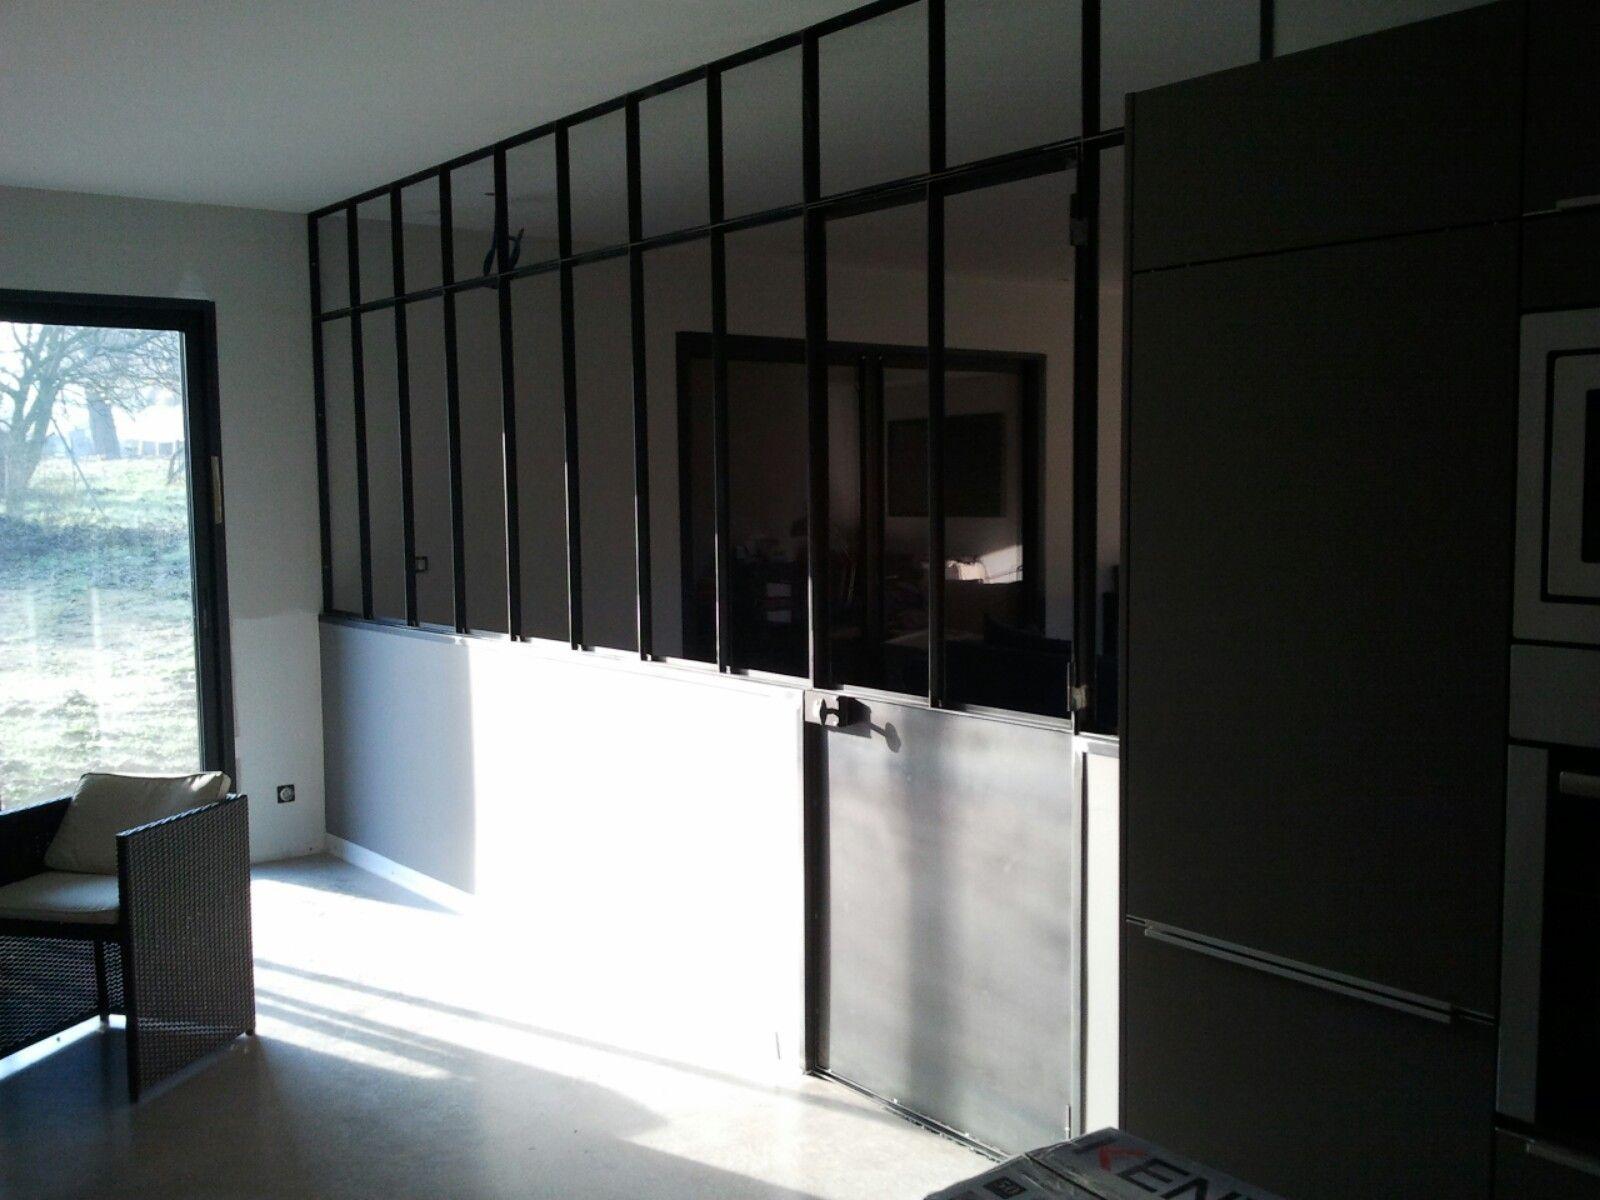 verri re d 39 atelier avec porte battante et imposte fixe. Black Bedroom Furniture Sets. Home Design Ideas